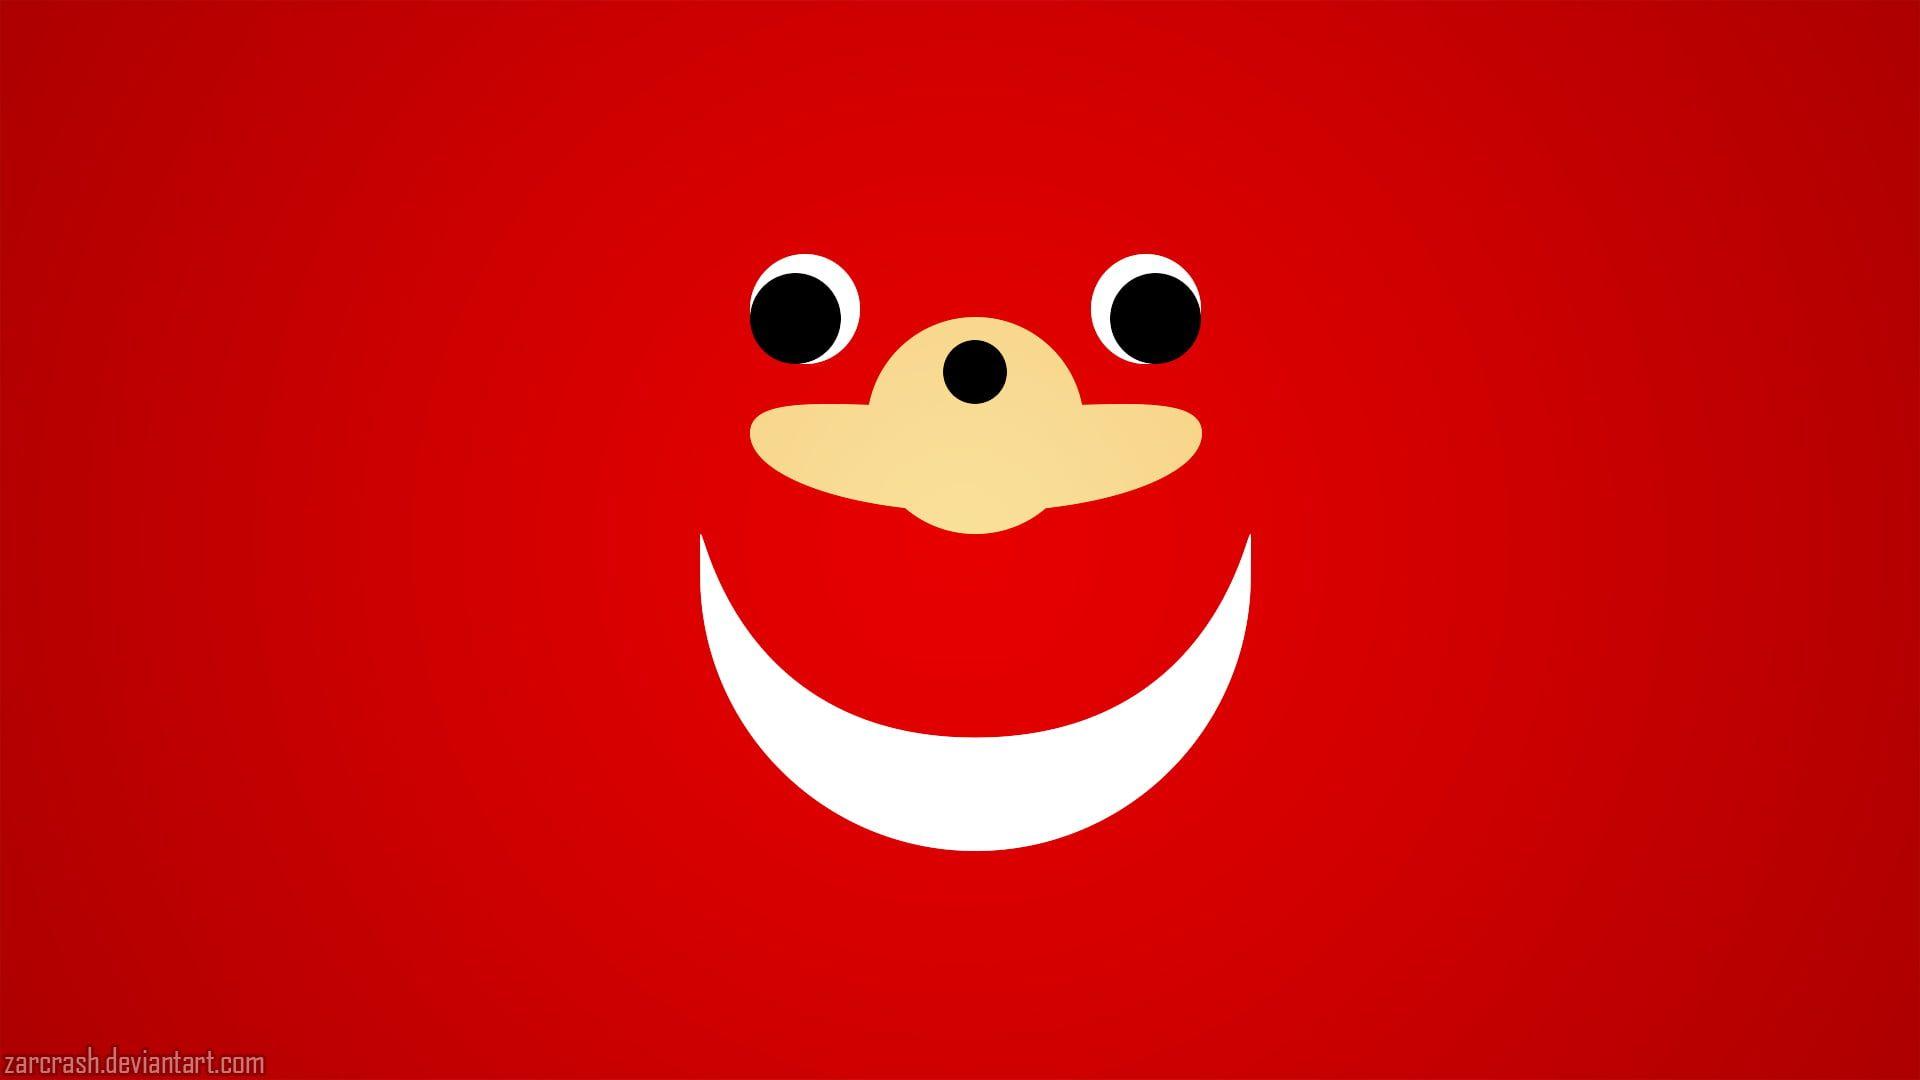 Uganda Knuckles Illustration Ugandan Knukles Knuckles Memes Sonic Vr Chat 1080p Wallpaper Hd Frog Illustration Hedgehog Illustration Latest Hd Wallpapers